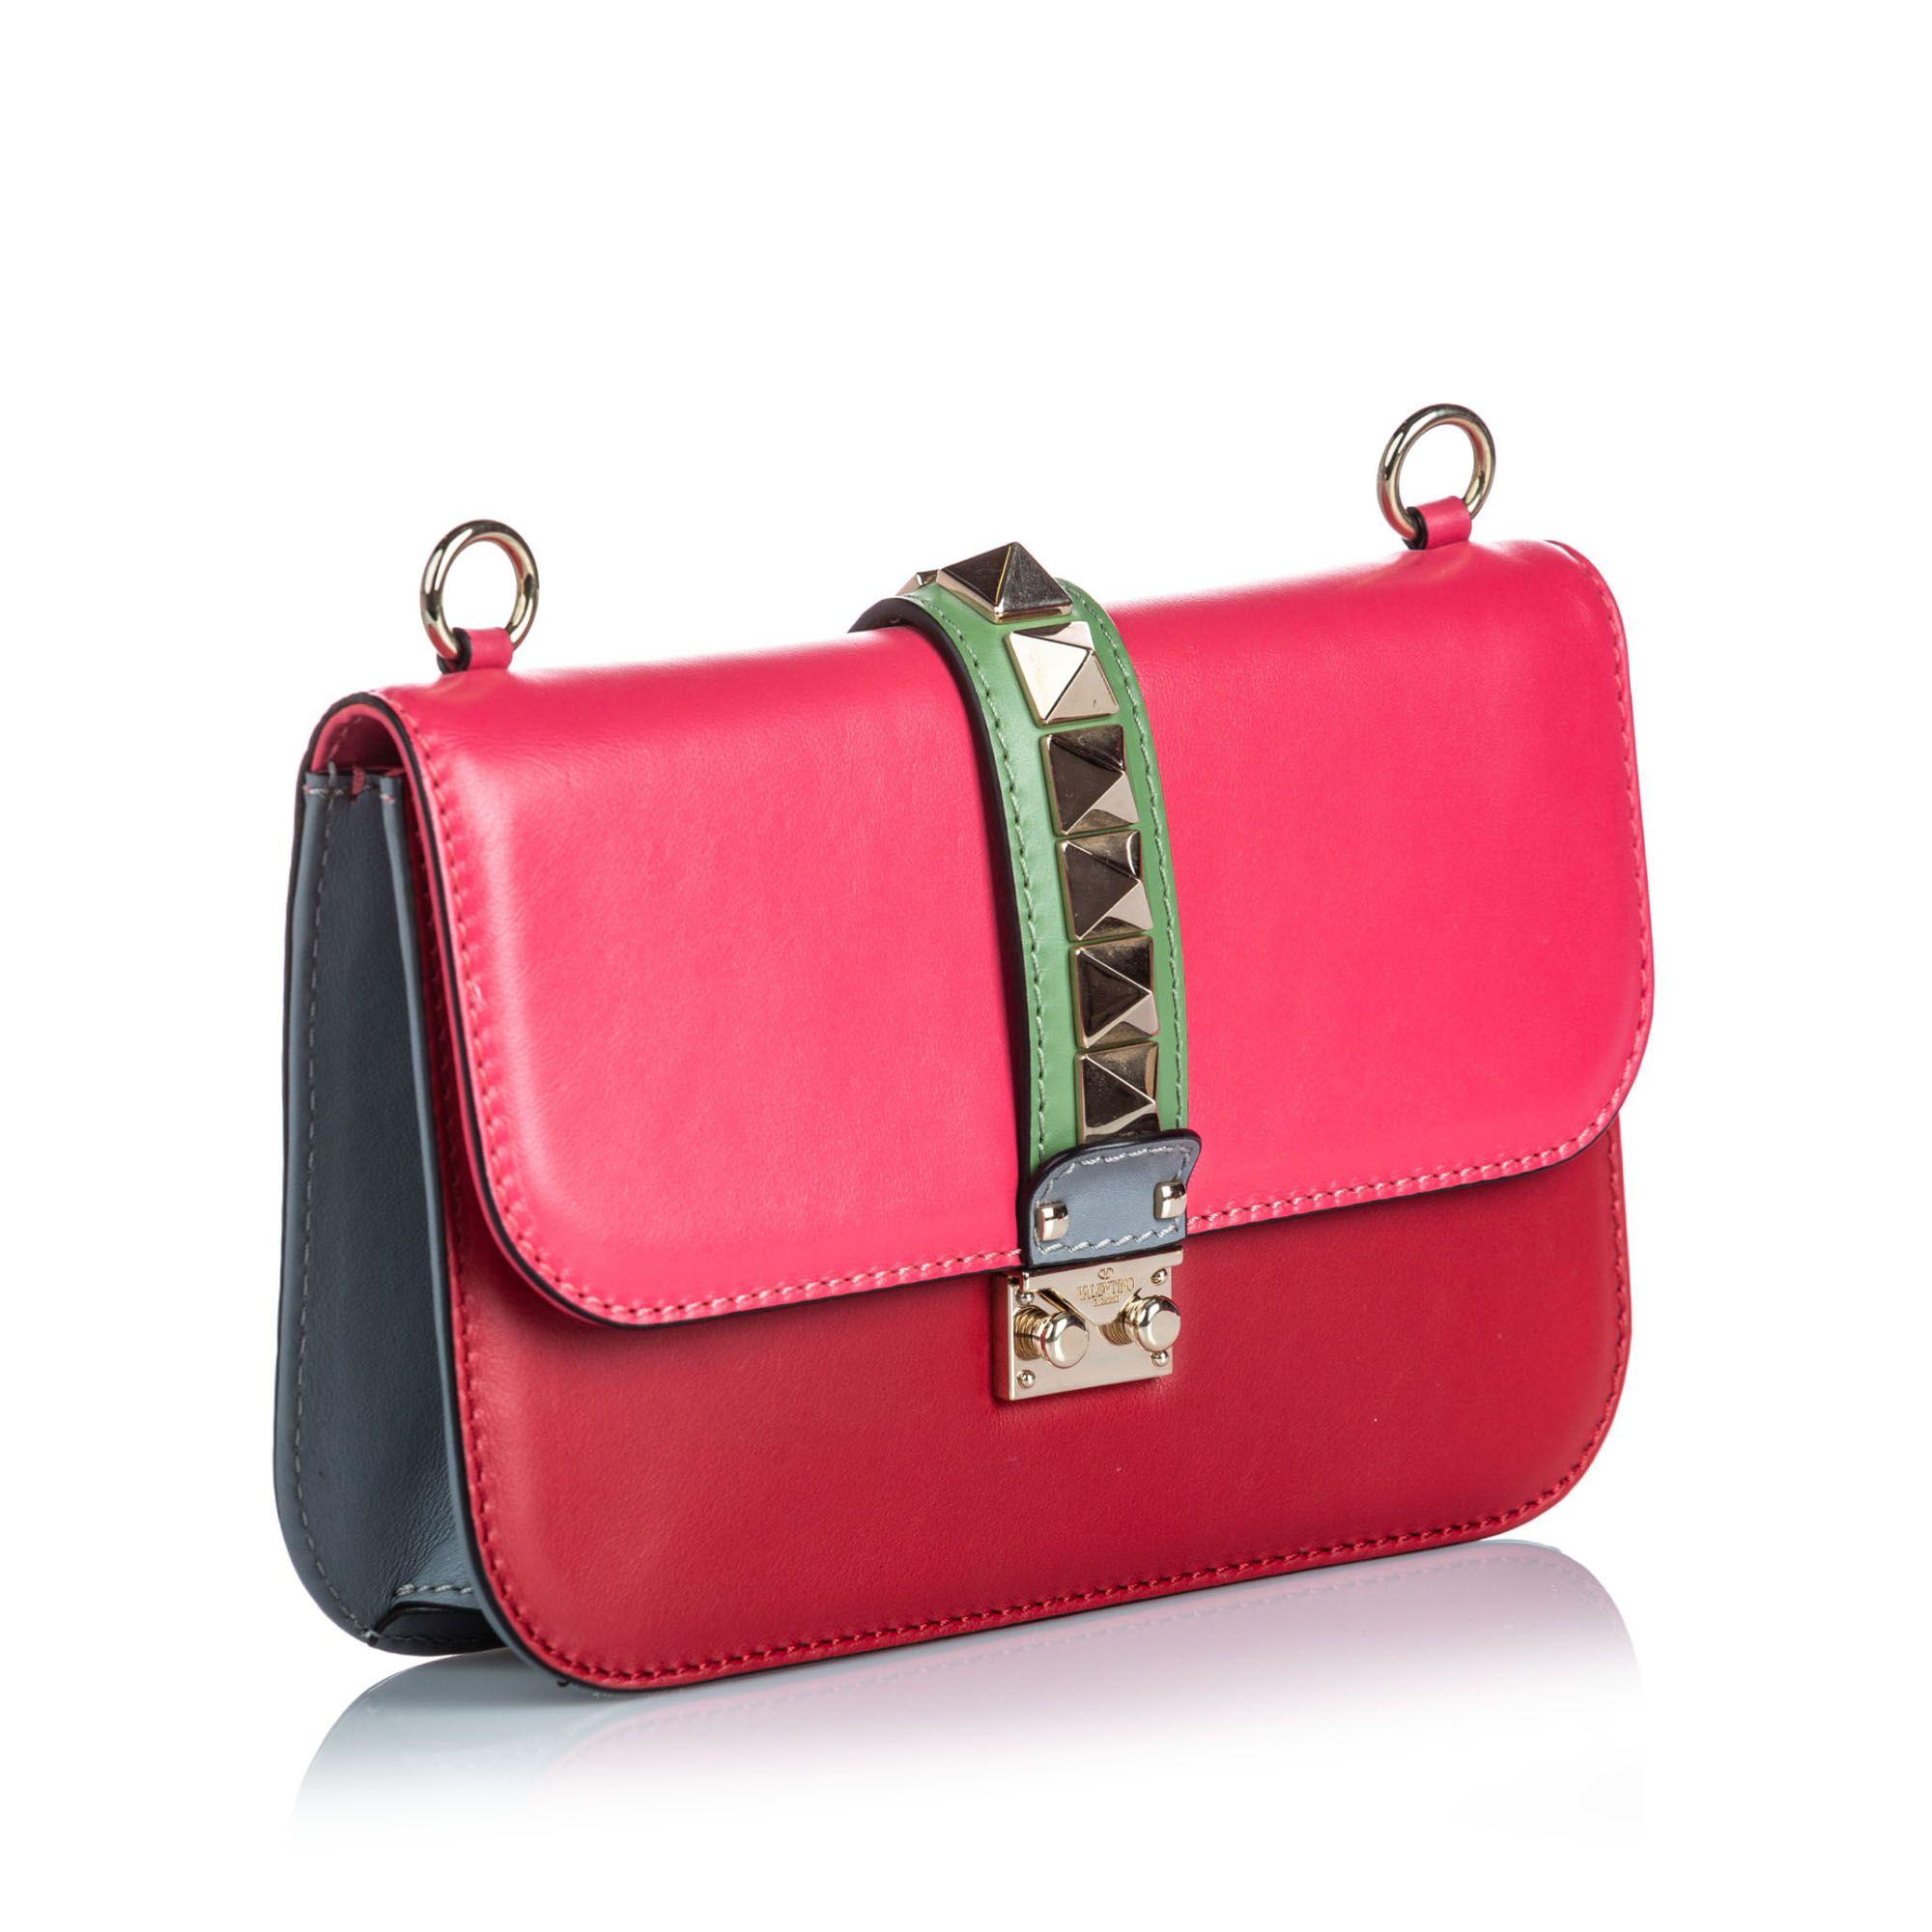 Vintage Valentino Medium Leather Glam Lock Shoulder Bag Pink